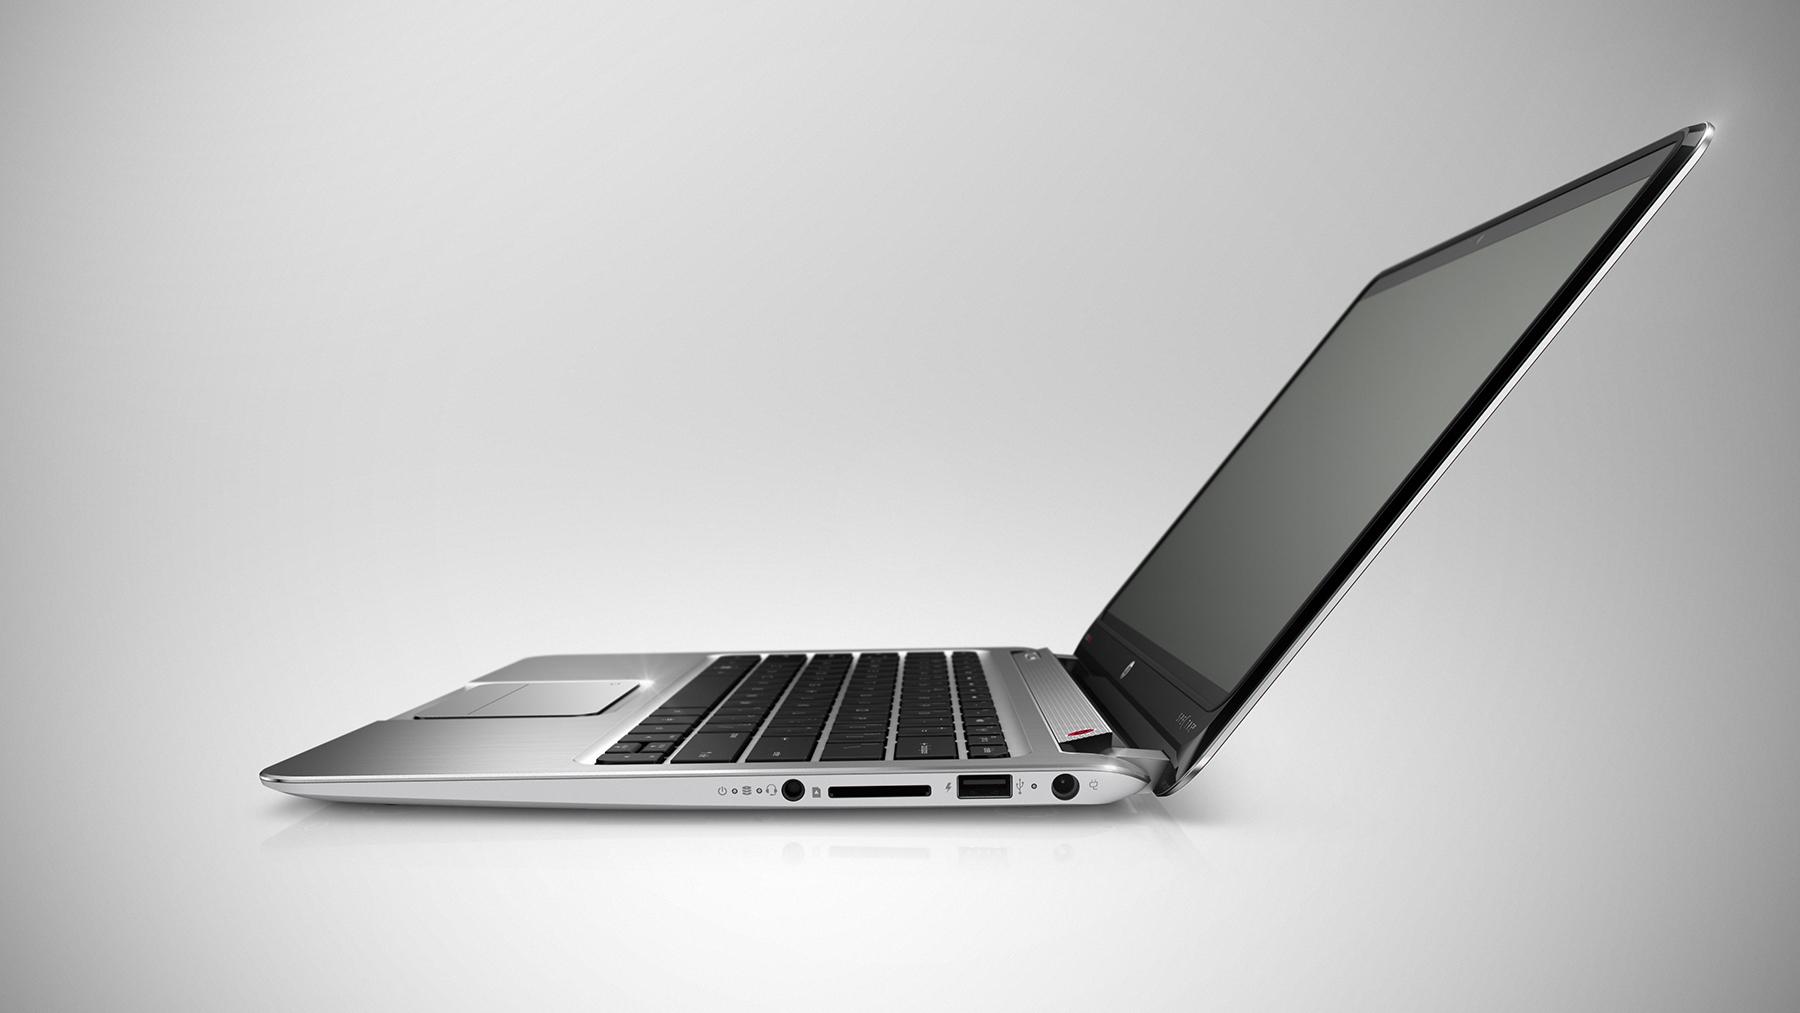 HP Spectre XT TouchSmart Ultrabook 1800x1013